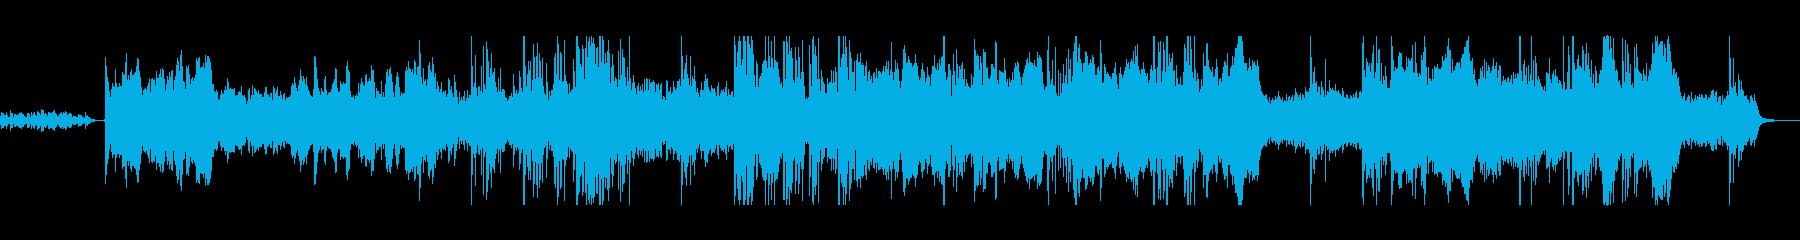 木管楽器を使用したアンビエントの再生済みの波形